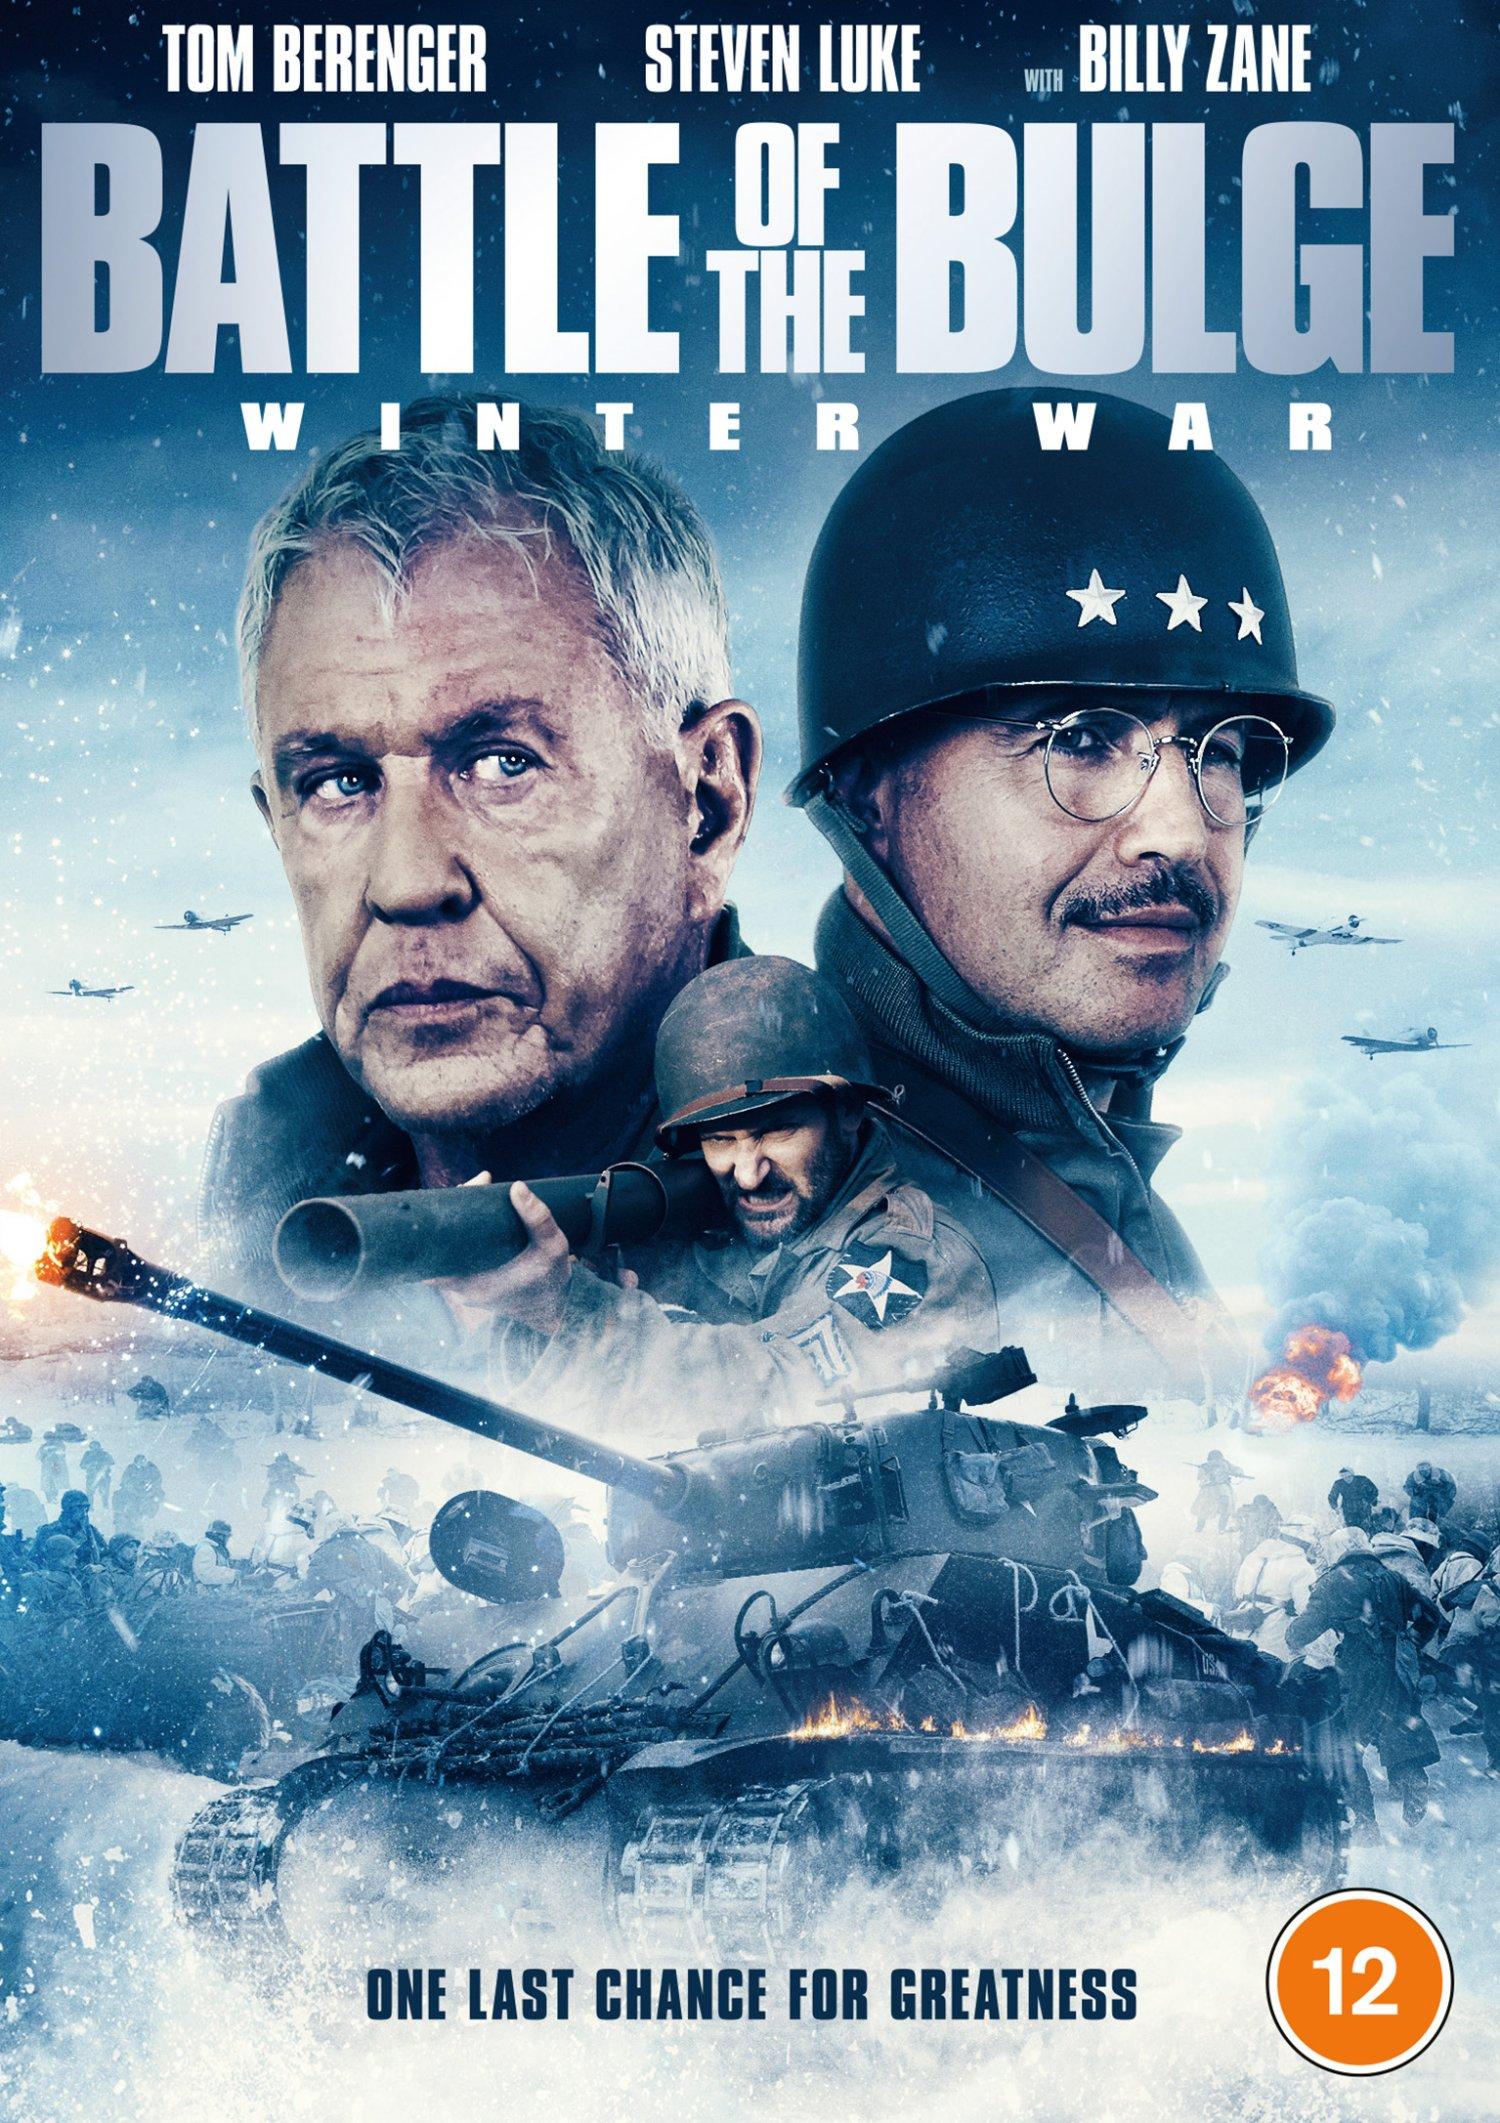 47883_BATTLE_OF_THE_BULGE_DVD_2D_PACKSHOT_BBFC